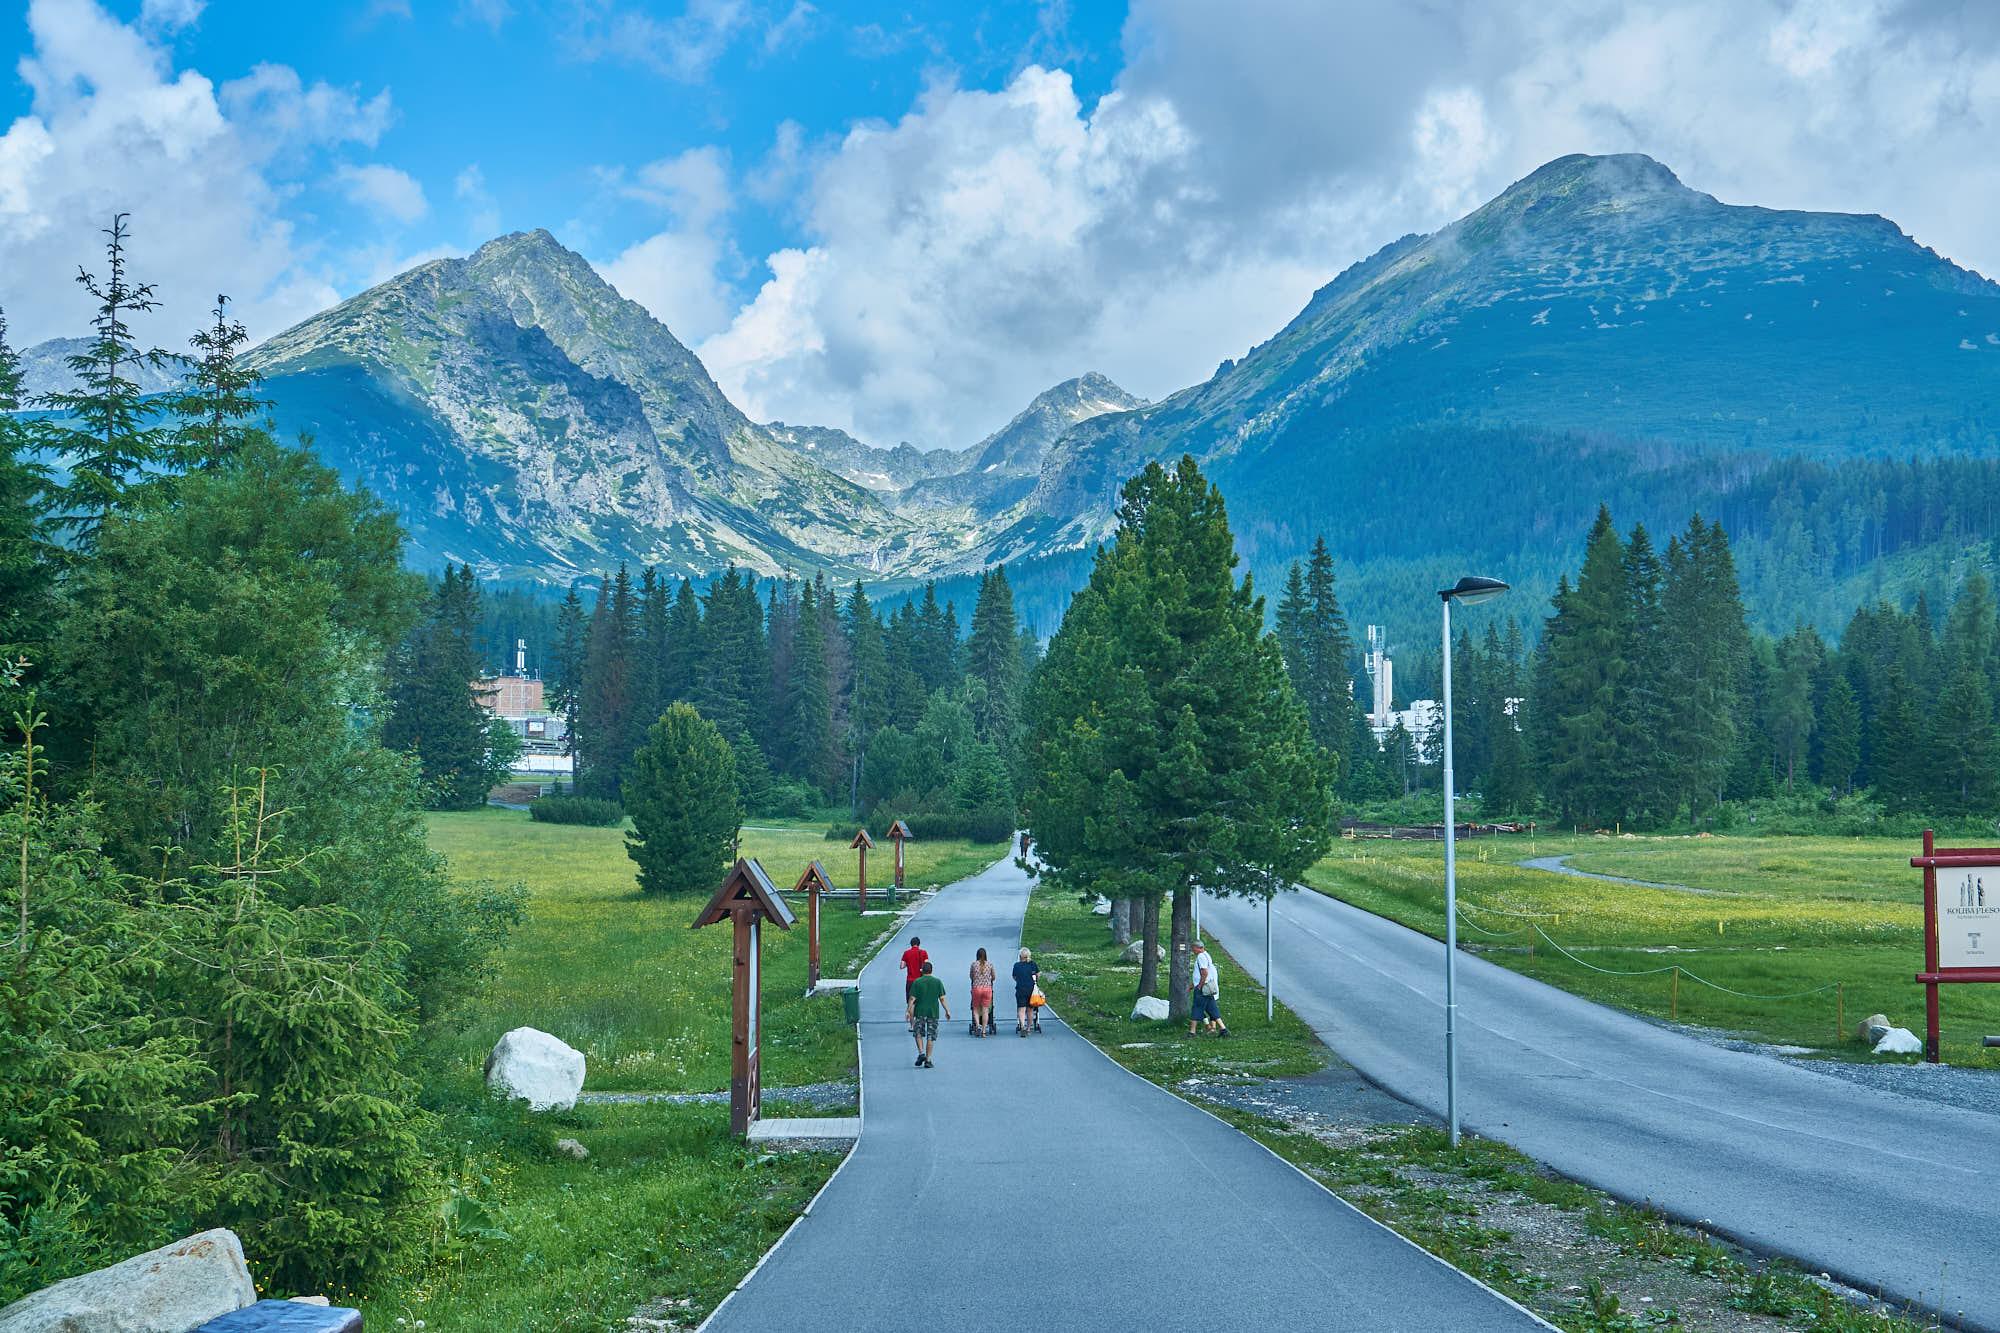 Hiking in High Tatras Slovakia from Strbske Pleso